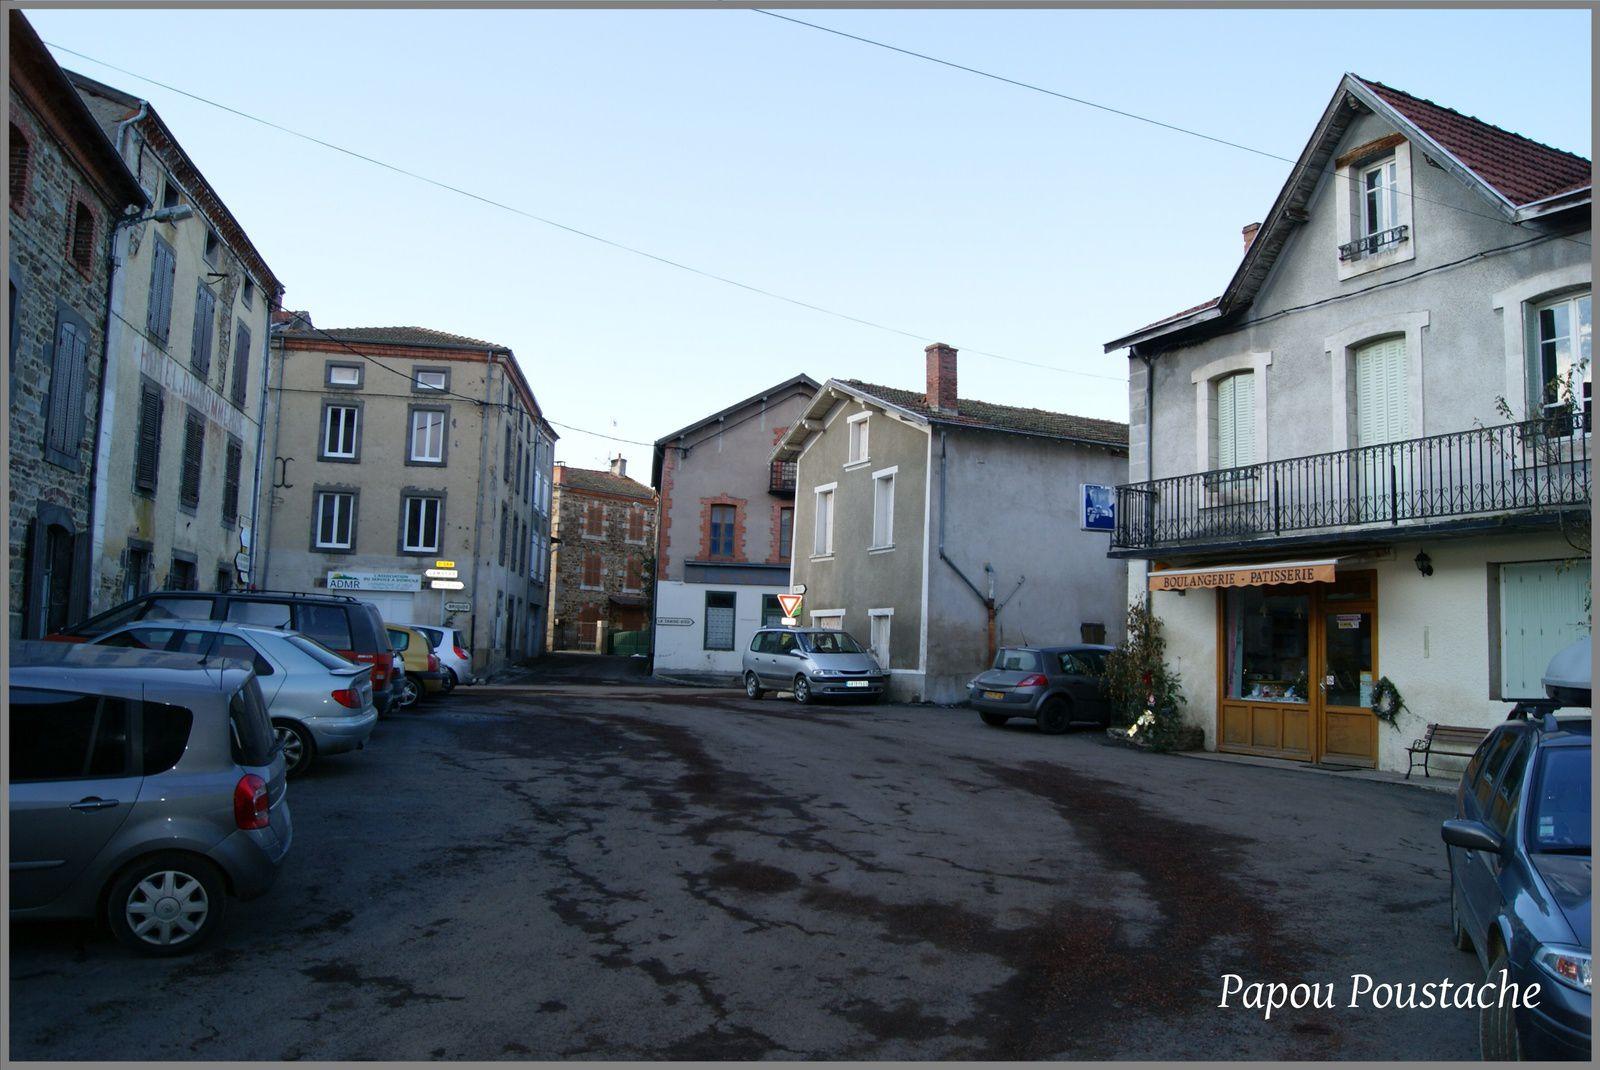 Les rues de Champagnac le Vieux d'hier et d'aujourd'hui